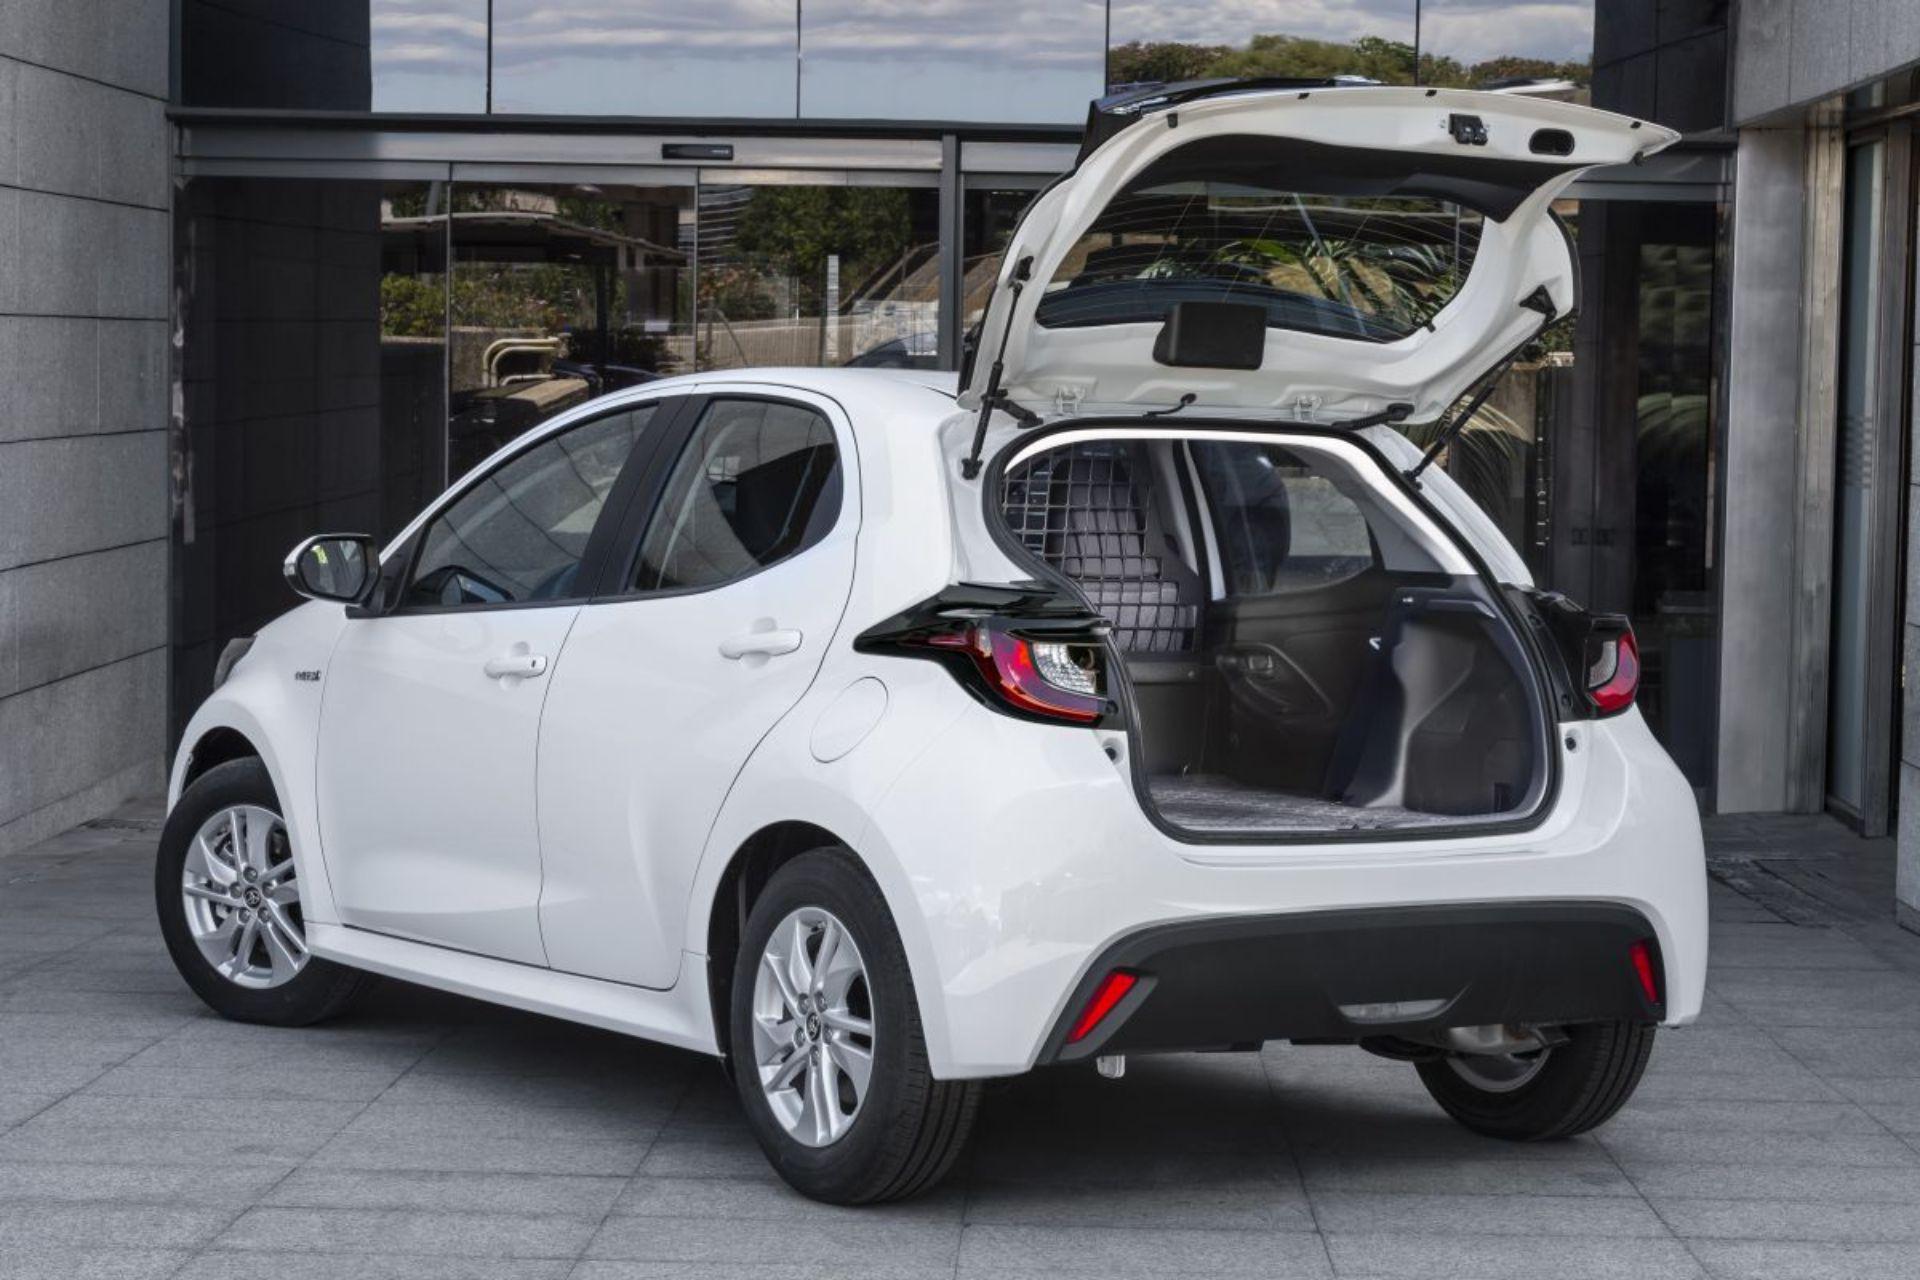 Már haszonjárműként is elérhető az Év autója, és van egy komoly aduja